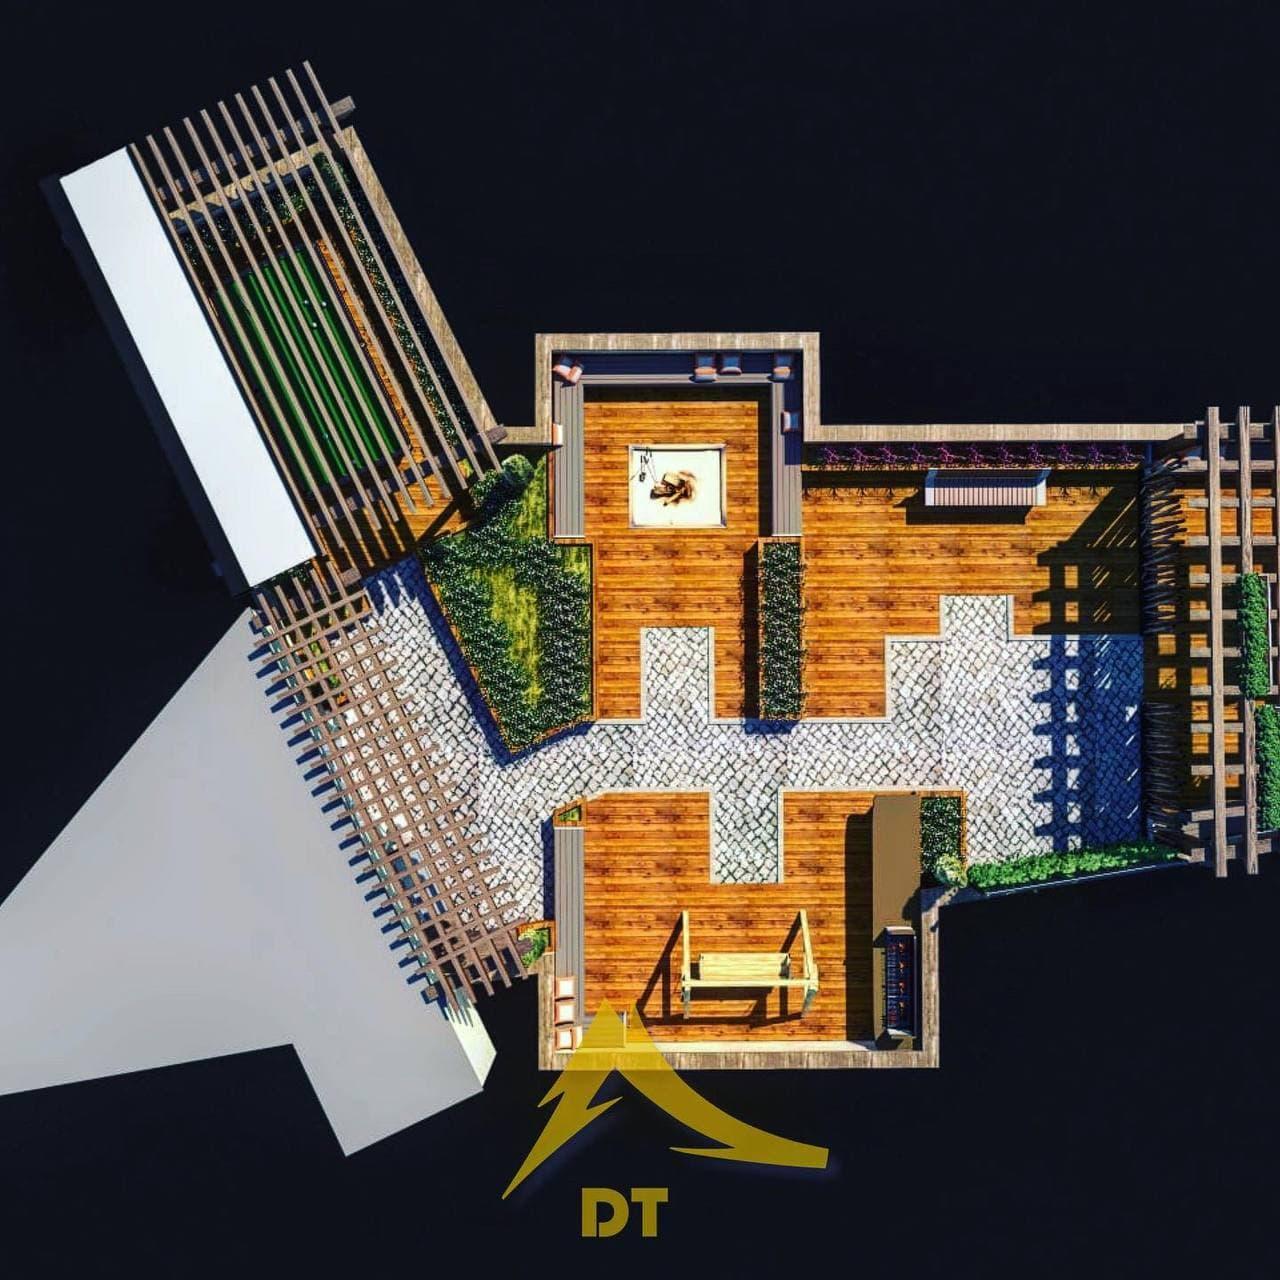 شرکت معماری و دکوراسیون داخلی دکوطرح - nama landscape 1